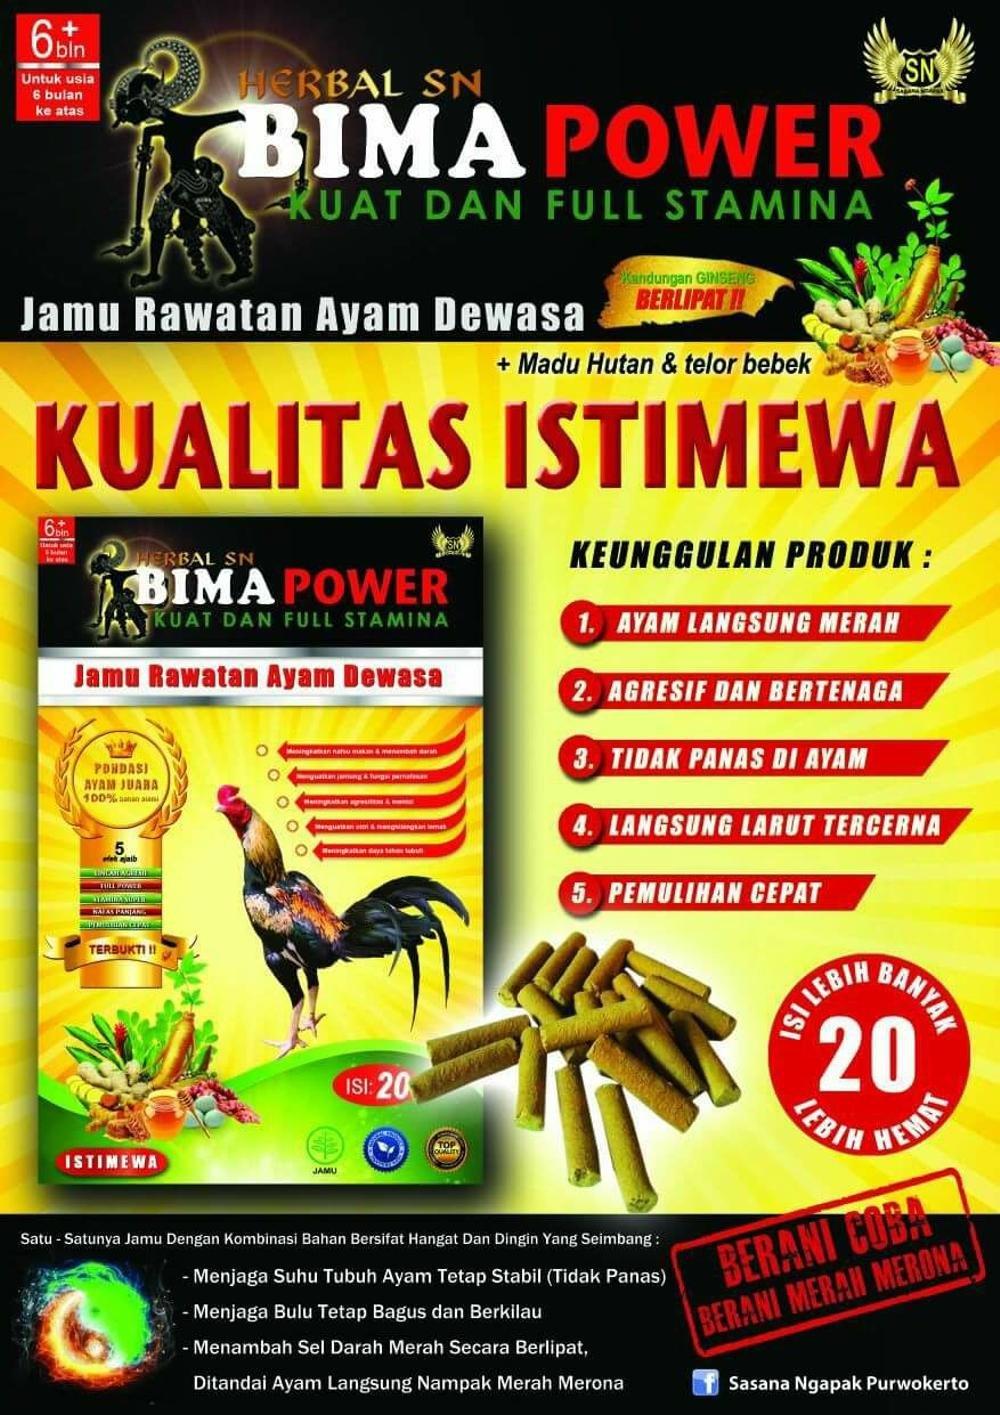 Distributor Produk Sn Sasana Ngapak Purwokerto Obat Cacing Super Rontok Bima Power Juga Untuk Ayam Muda Yang Baru Kenal Rawatan Sifatnya Lebih Dingin Di Sehingga Tidak Merasakan Panas Saat Mengkonsumsi